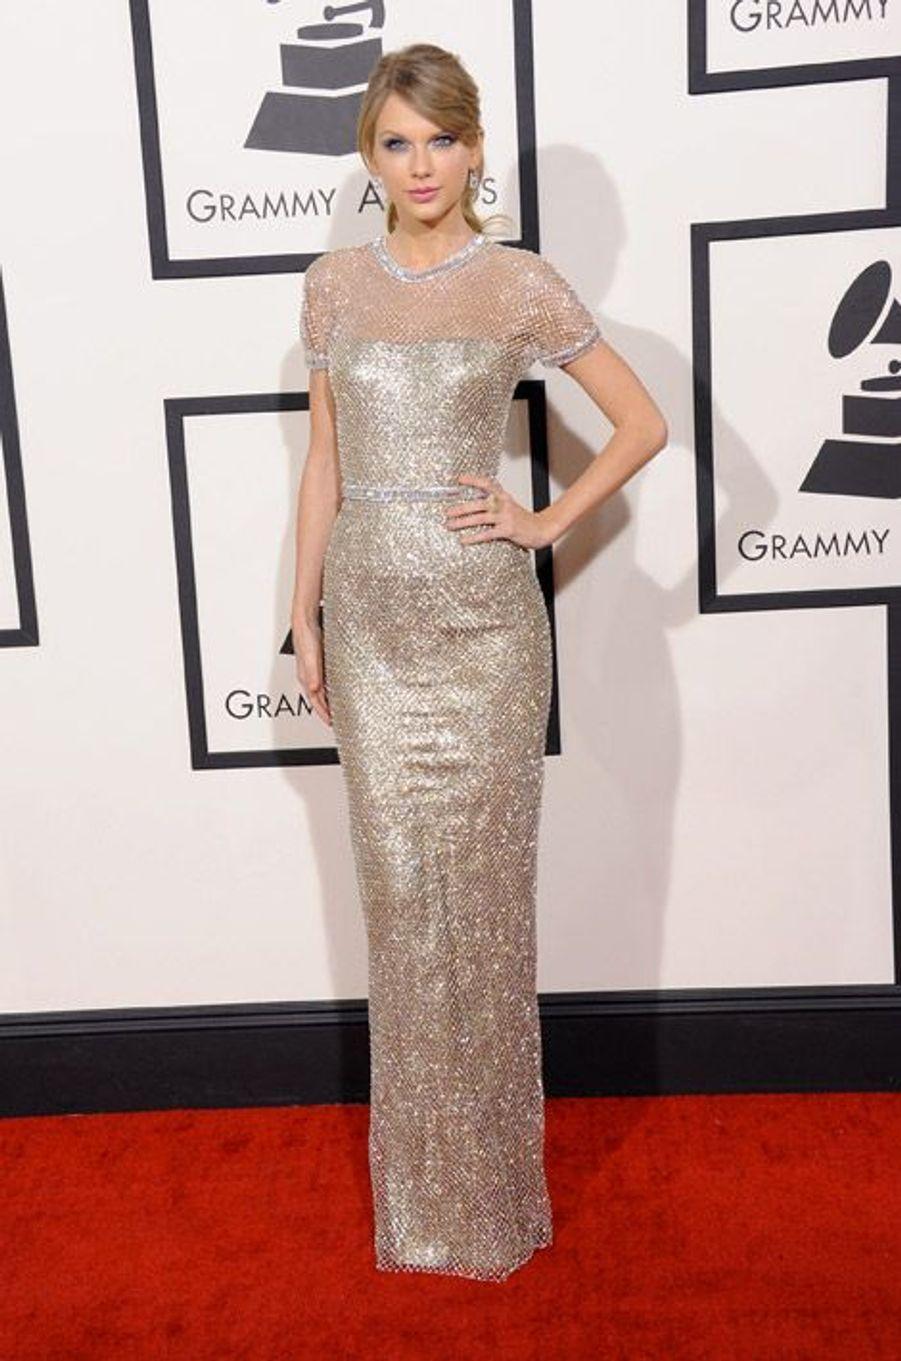 La chanteuse Taylor Swift en Gucci Première pendant les Grammy Awards à Los Angeles, le 26 janvier 2014